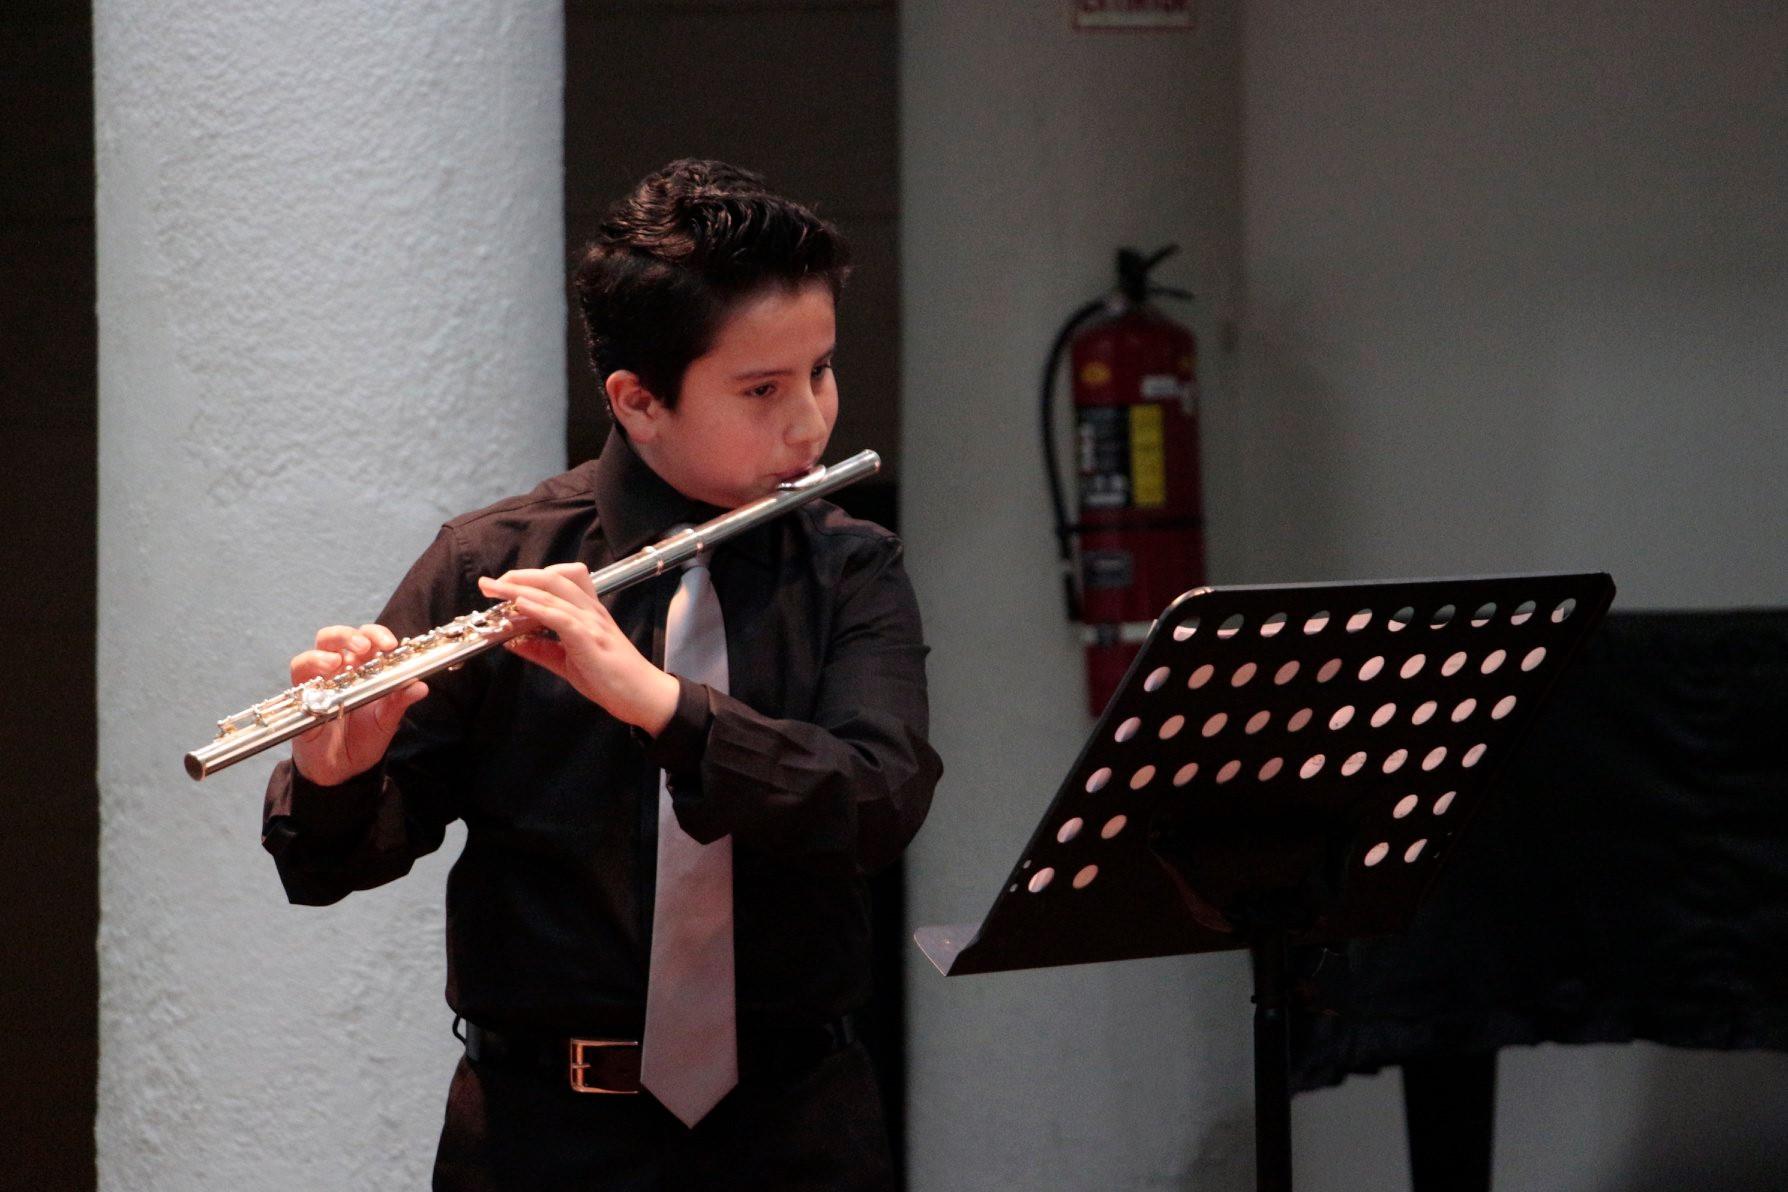 Tiago concierto 1